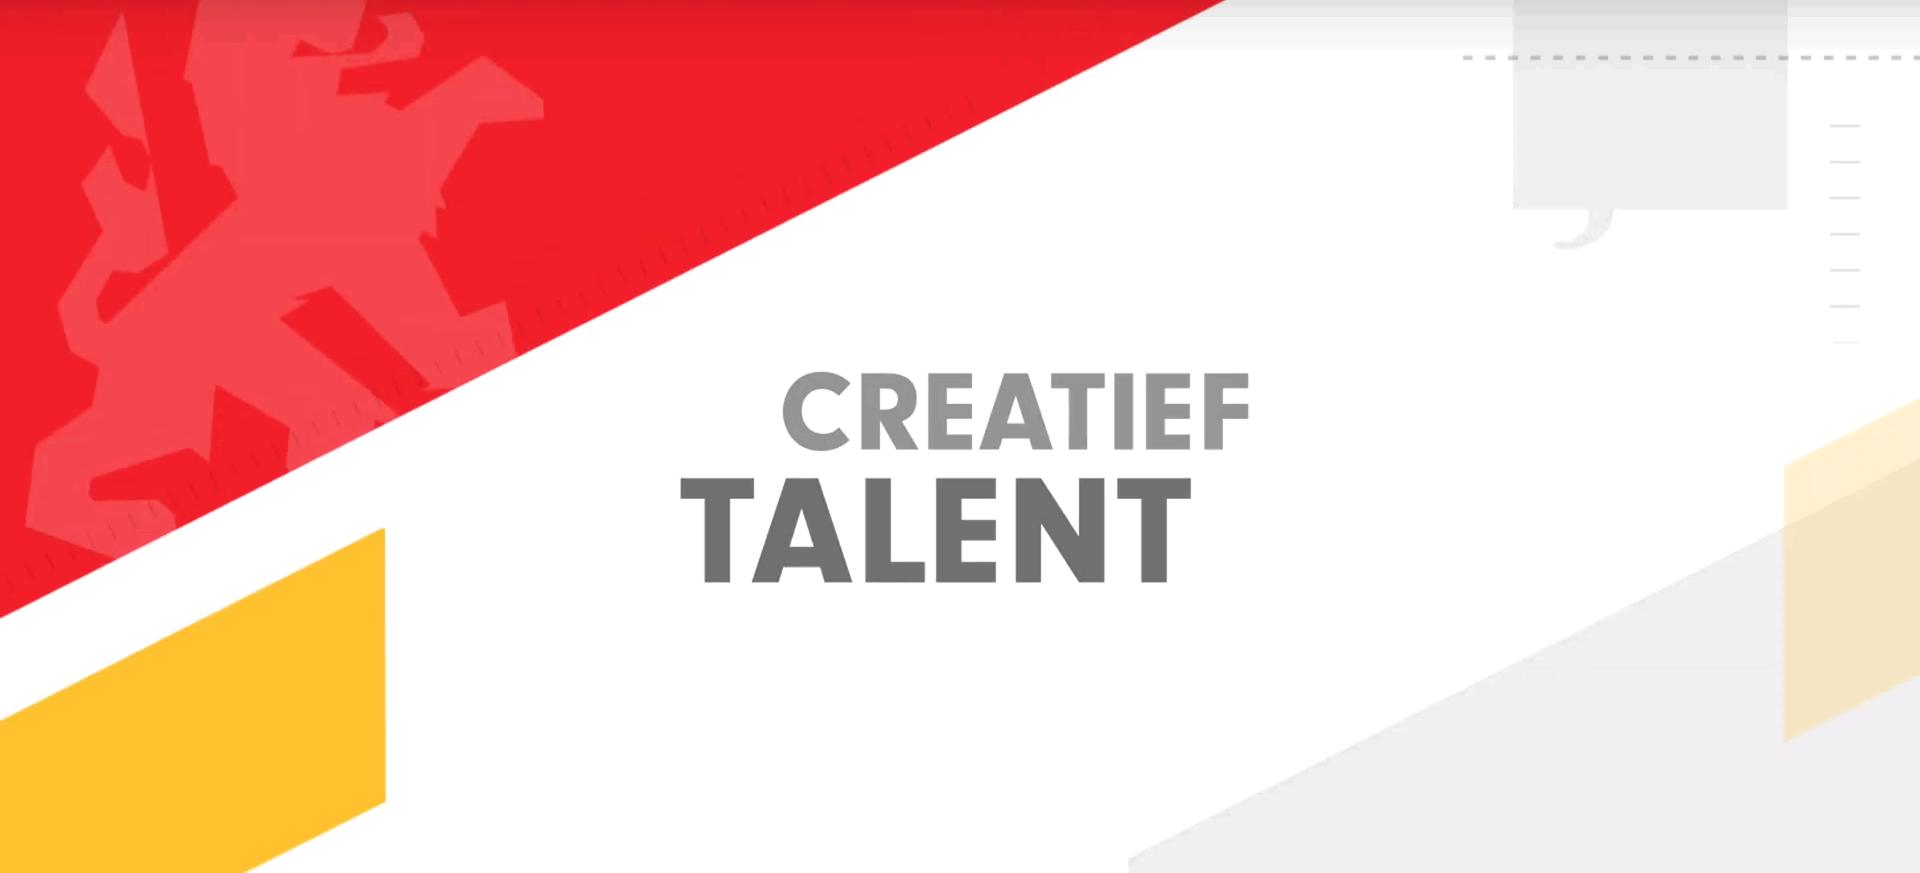 Goud van Brabant   Creatief Talent: Anouk van den Berg & Annelijn Suijkerbuijk